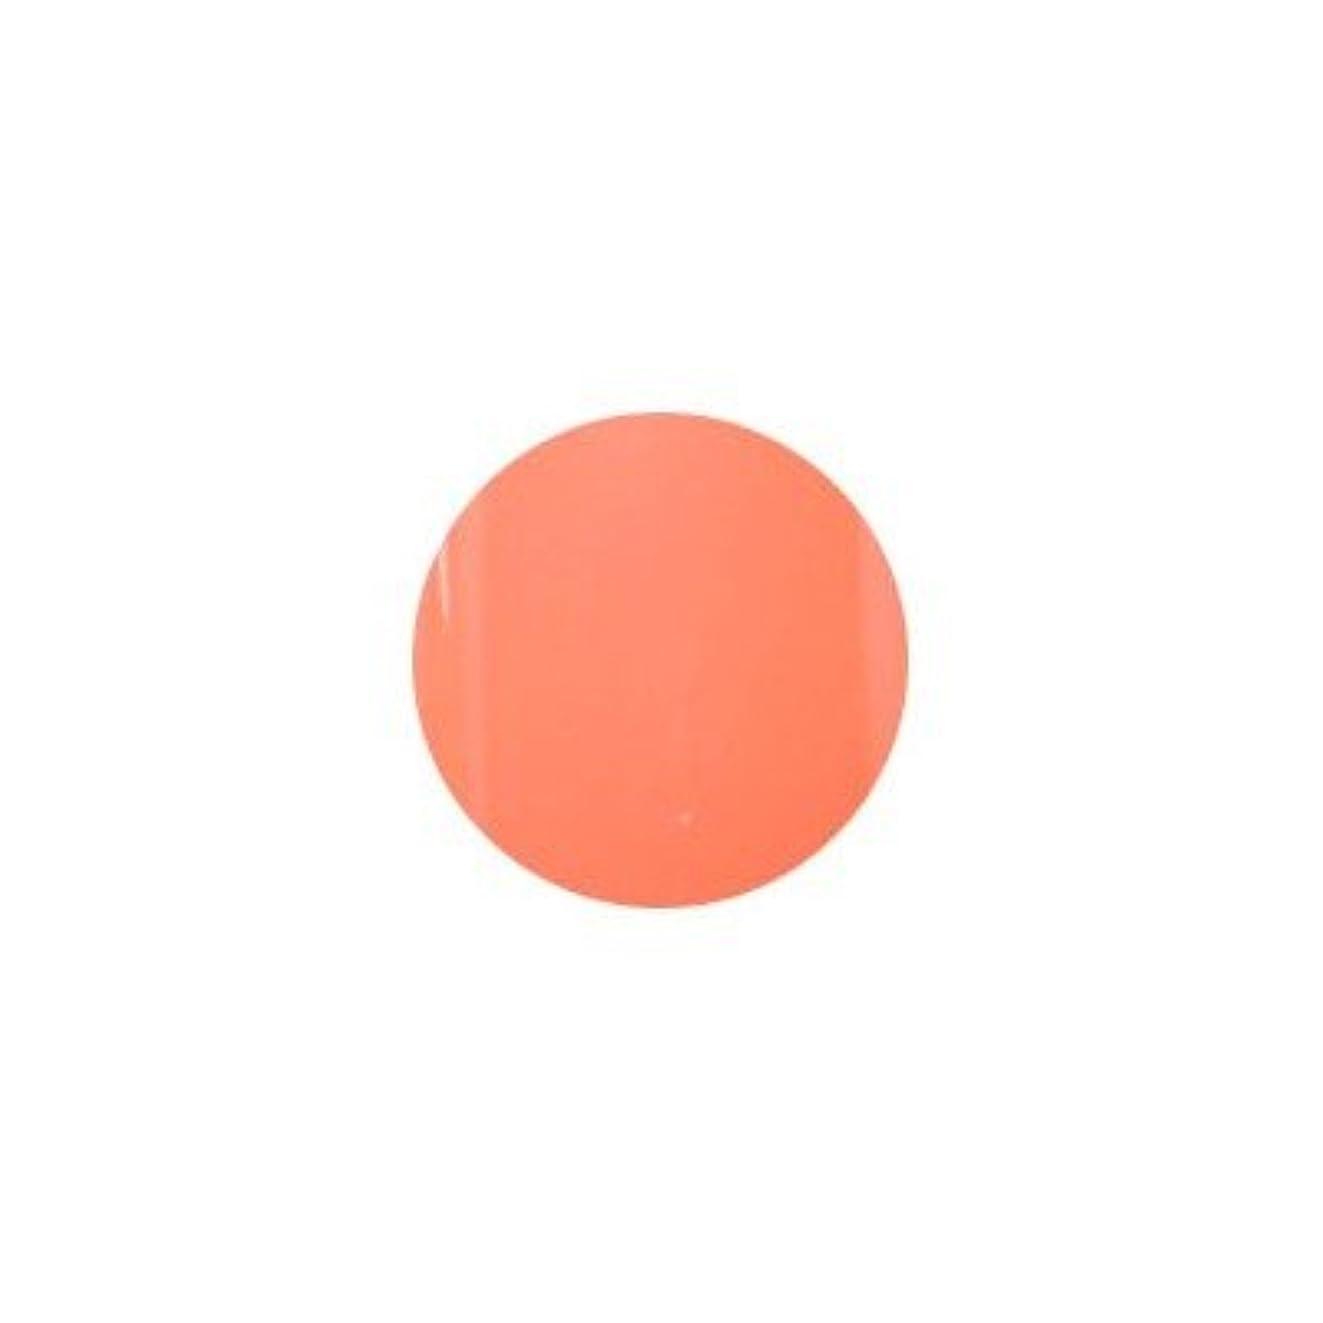 一口団結才能プティール カラージェル ラヴィング L14 ビタミンオレンジ